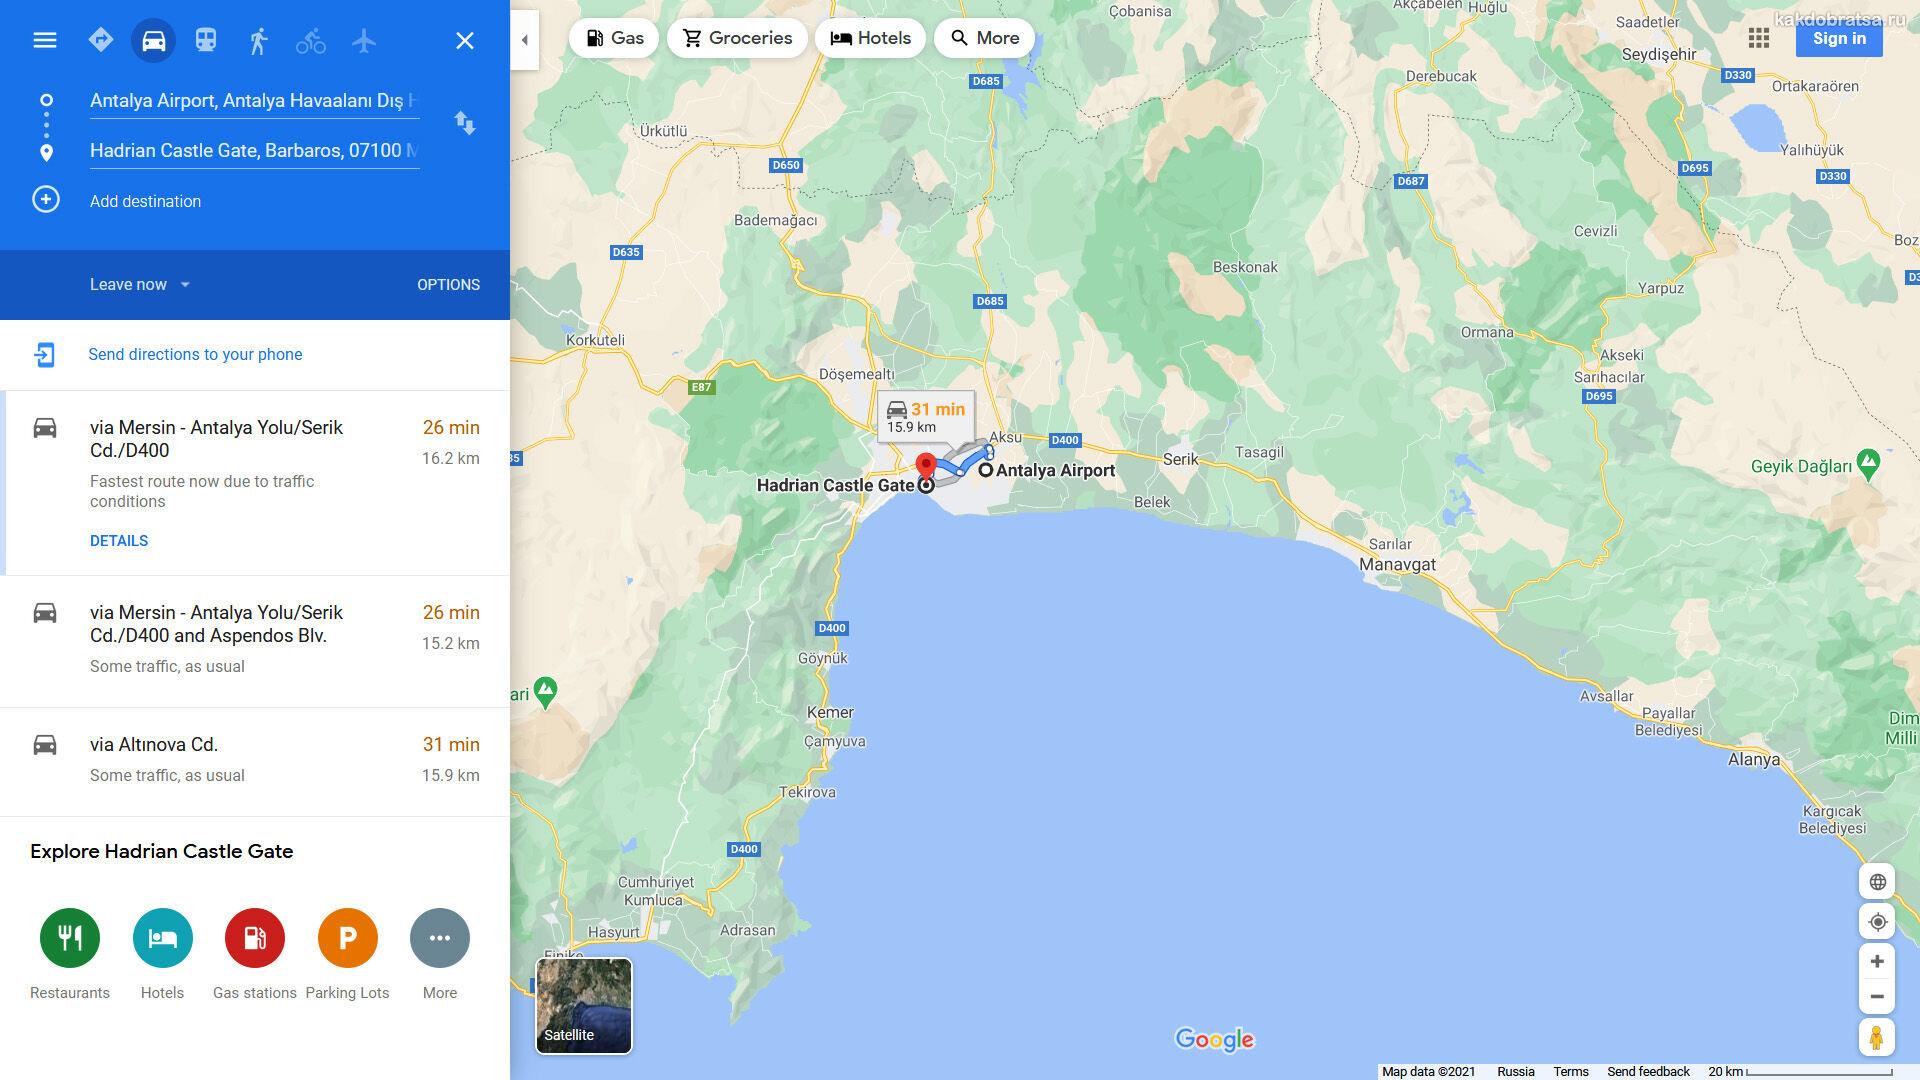 Аэропорт Анталии на карте и адрес